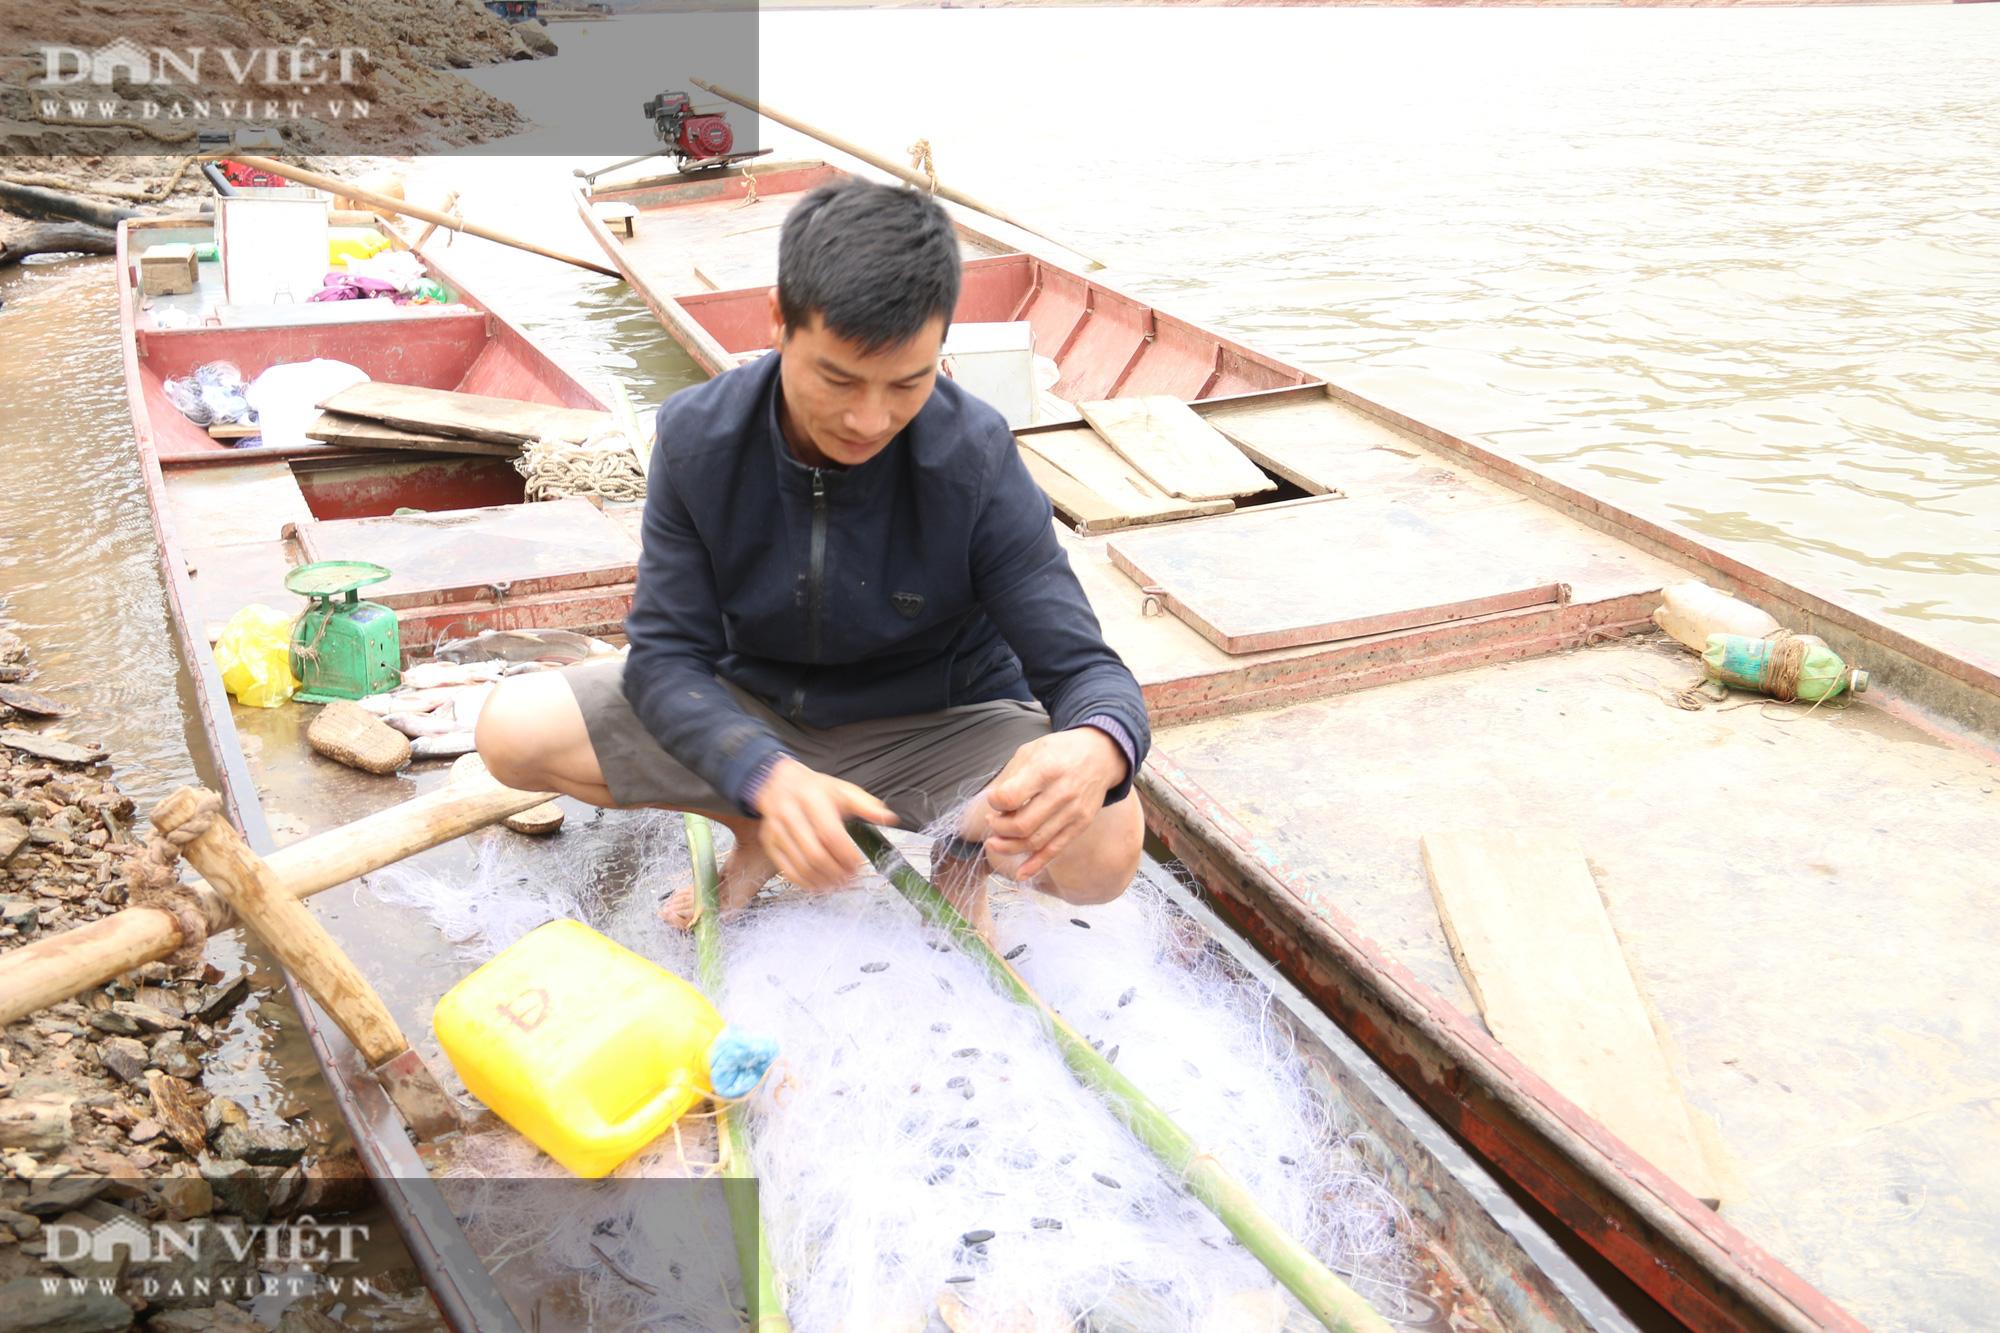 Đánh cá trong thời tiết rét buốt, ngư dân vẫn đút túi 1 triệu đồng/ngày - Ảnh 2.